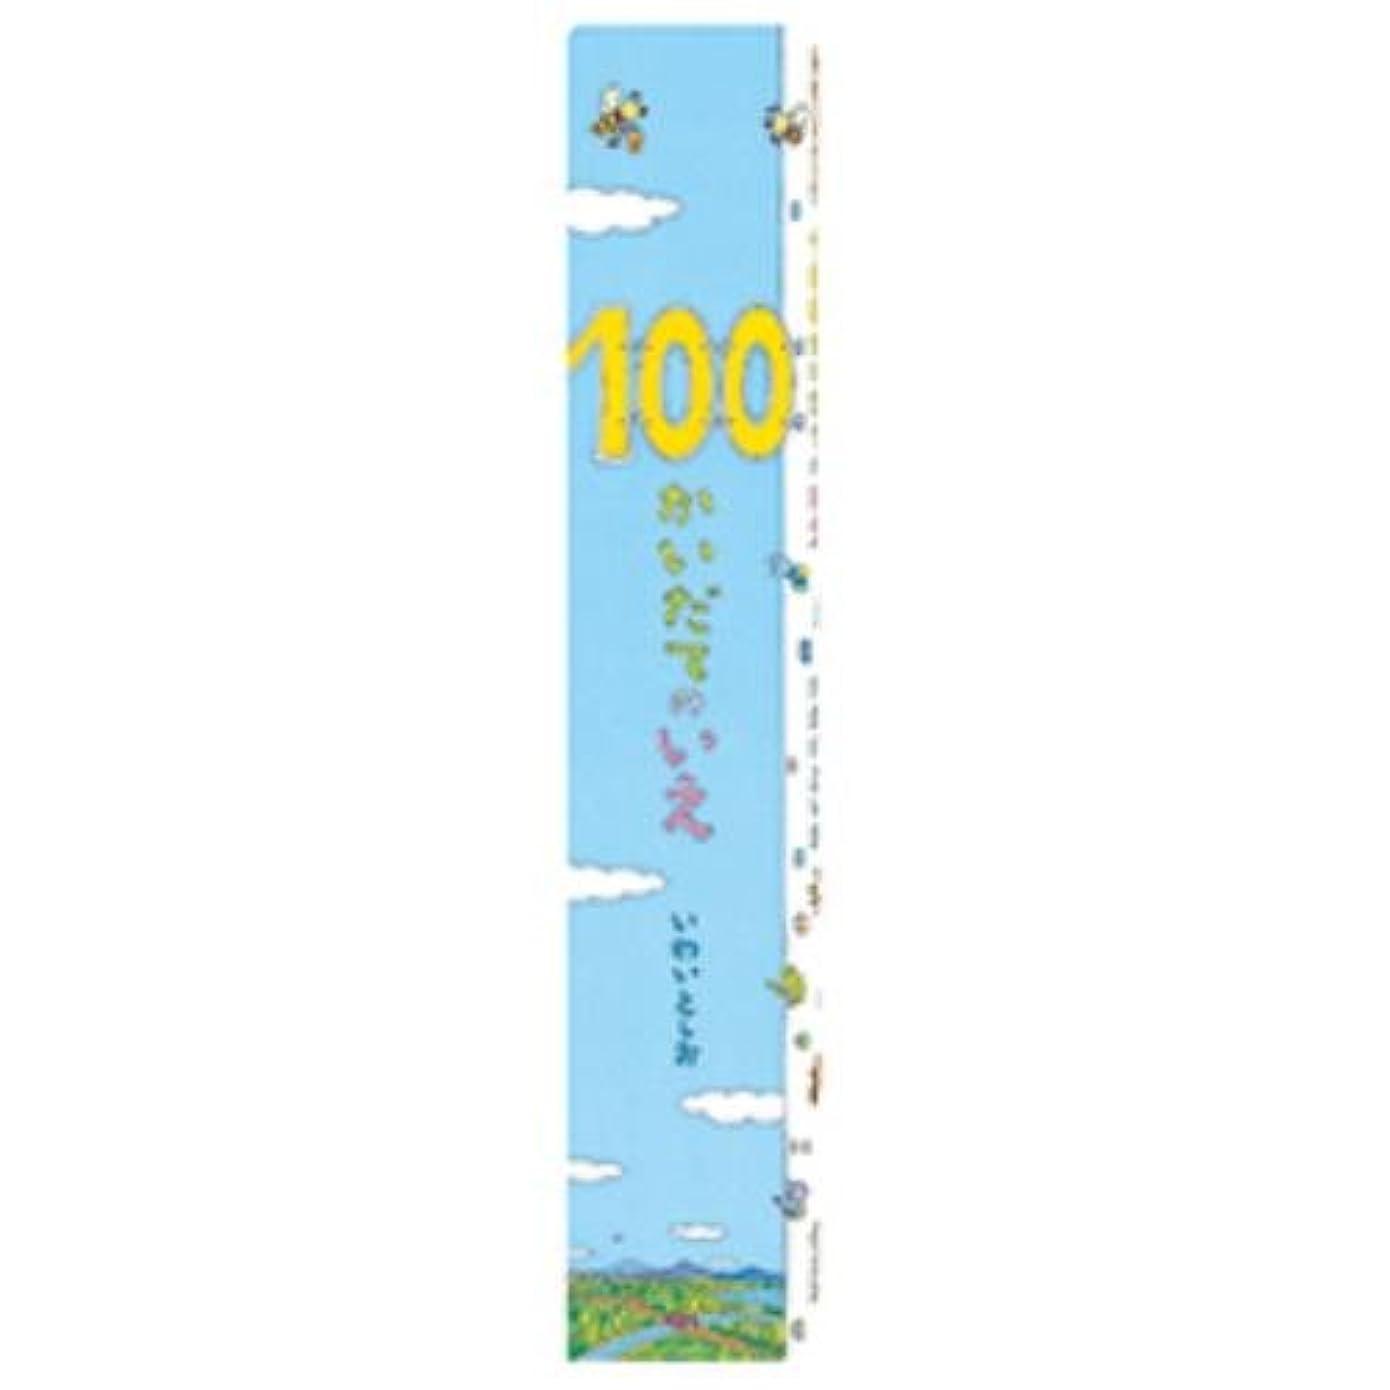 ビッグブック 100かいだてのいえ 164-637